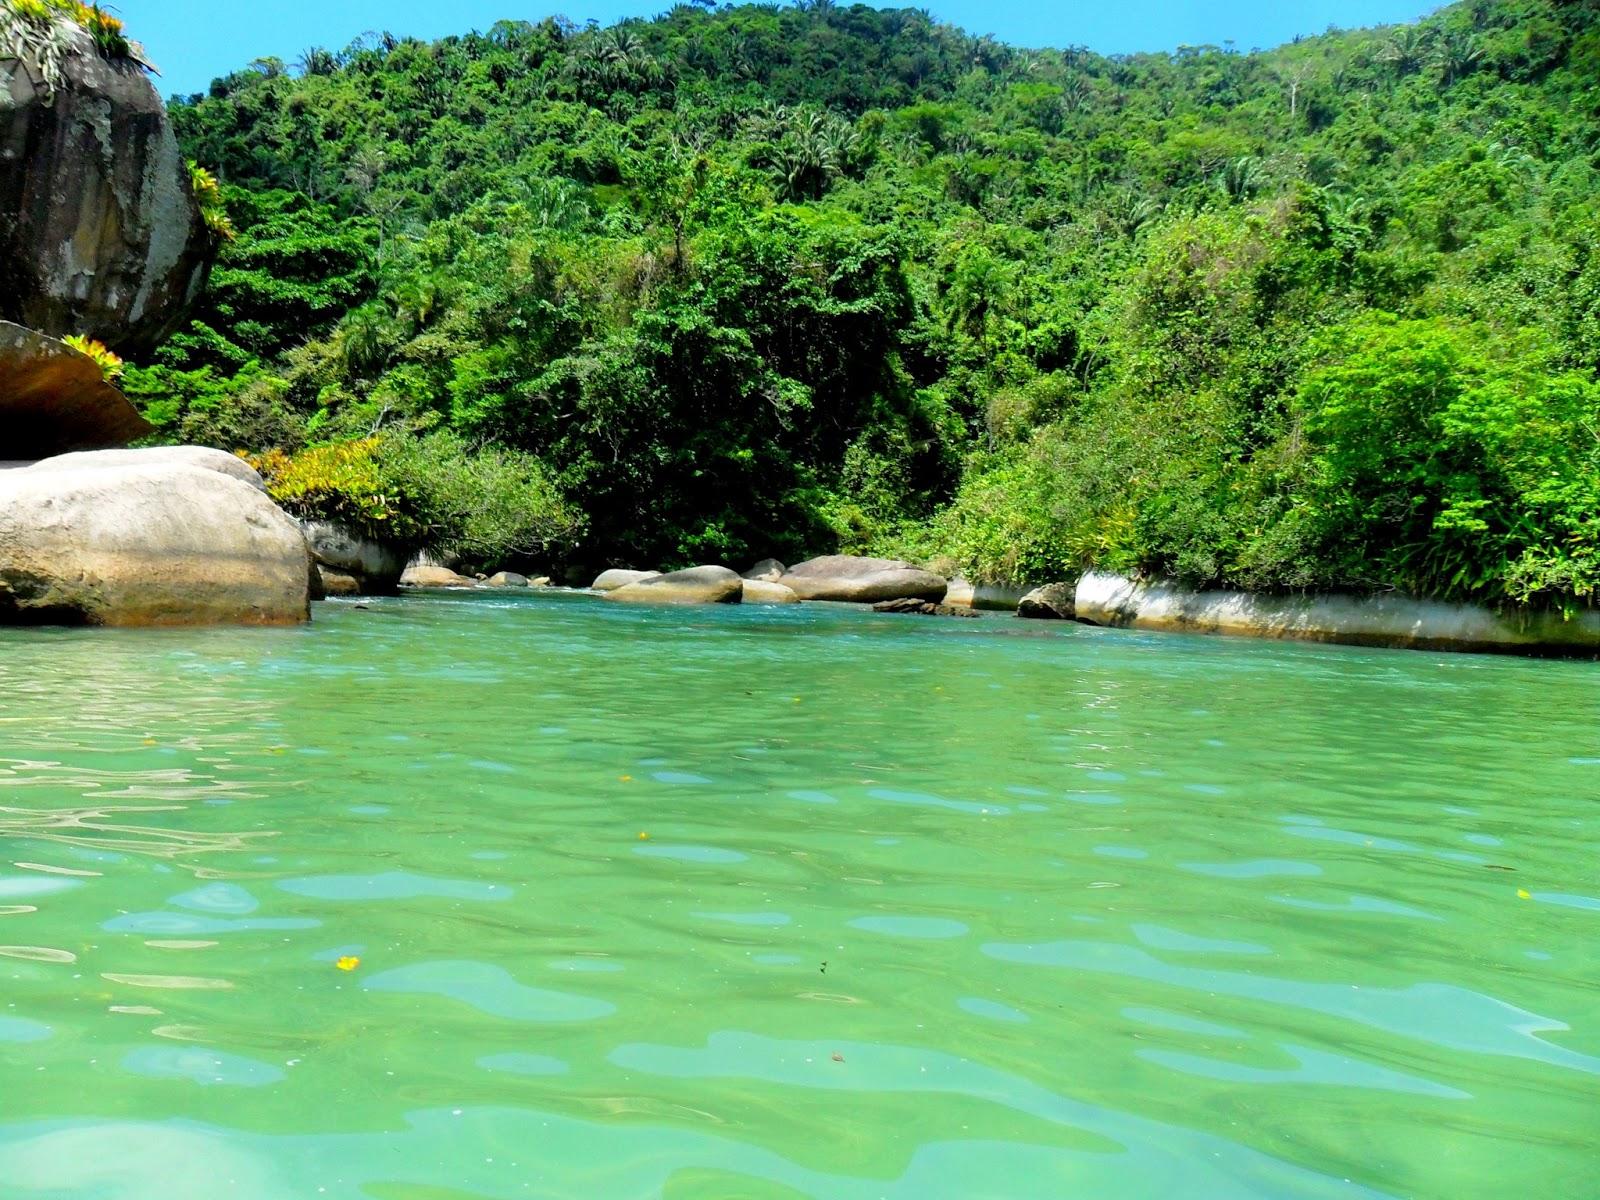 Voce realmente sabia piscina natural cachada o for Piscina natural de riosequillo